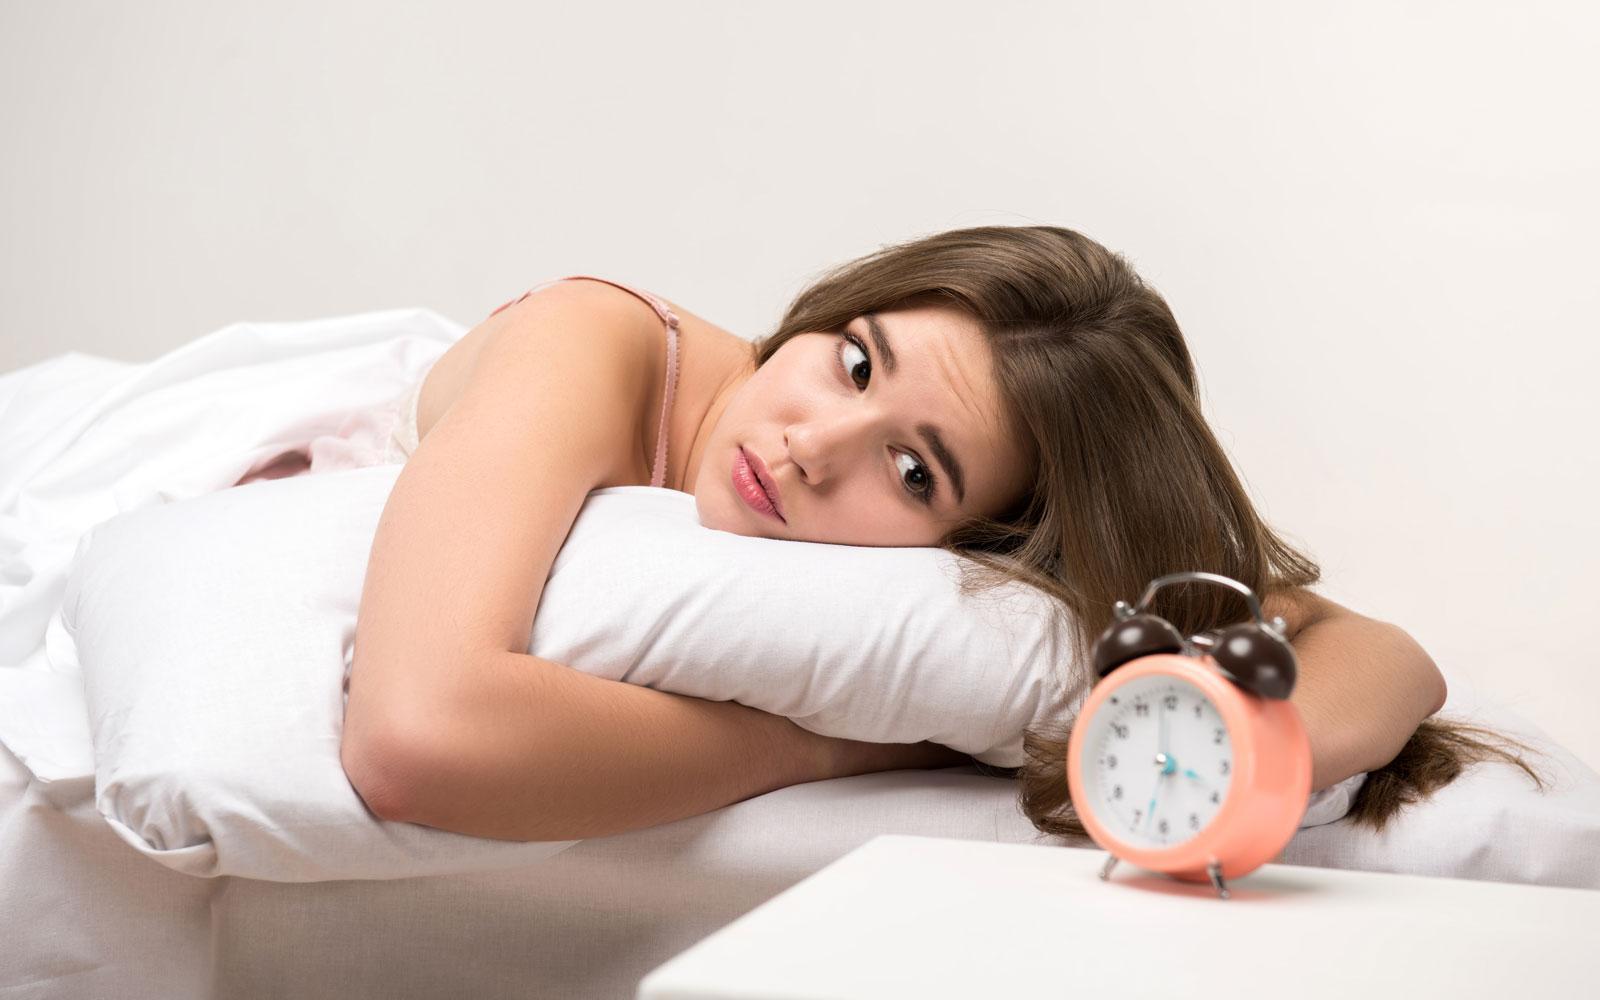 Всего одна бессонная ночь может привести к потере мышечной массы